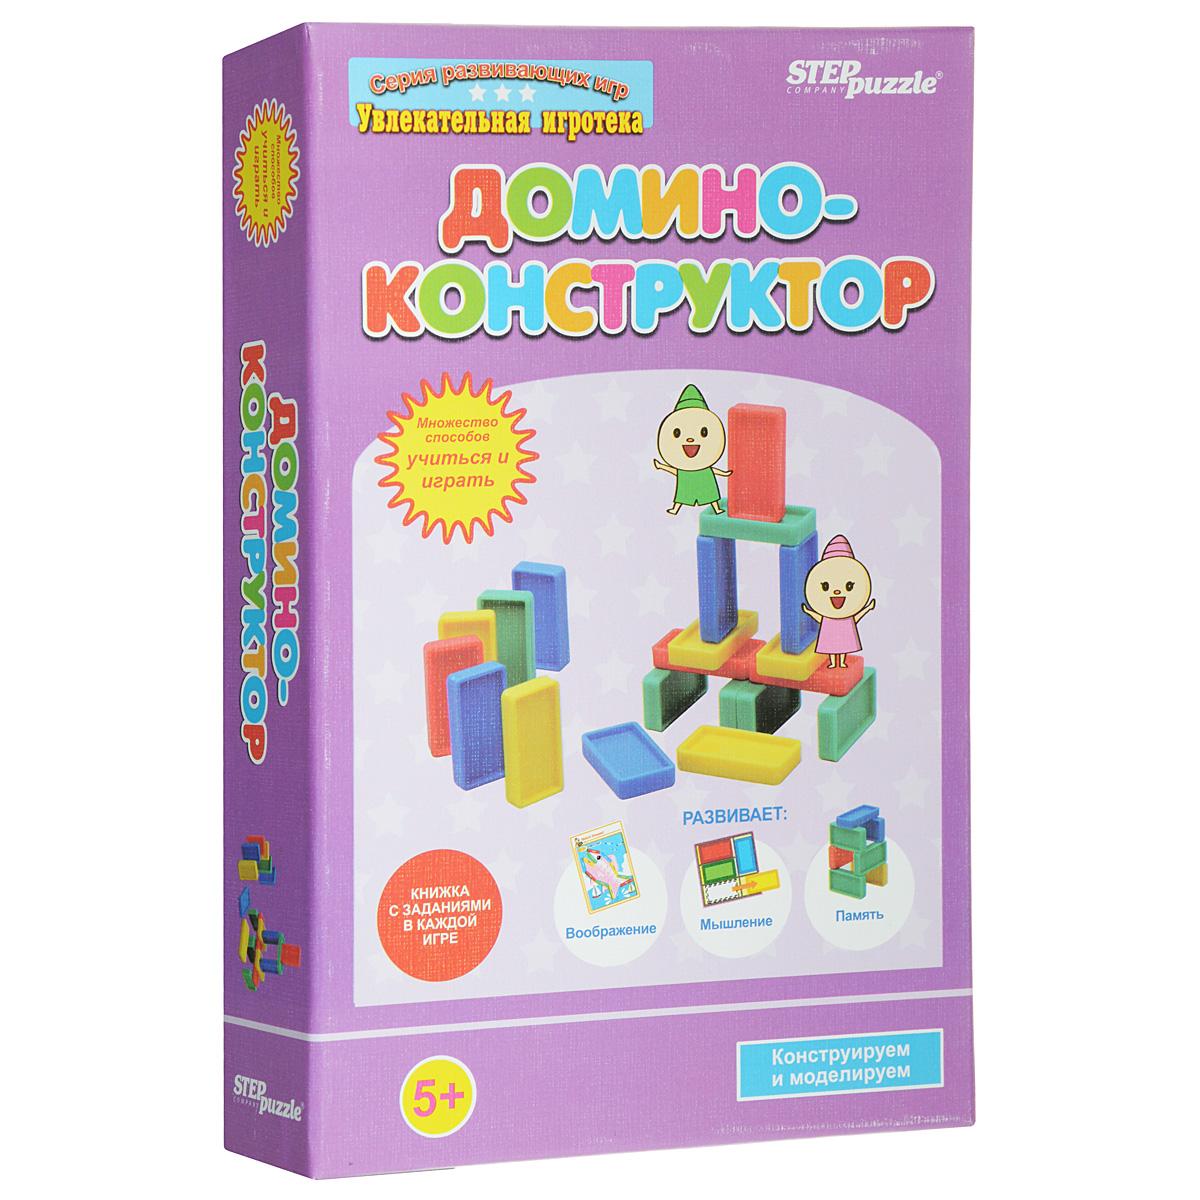 Развивающая игра Step Puzzle Увлекательная игротека Домино-конструктор. 7653276532Развивающая игра Step Puzzle Увлекательная игротека Домино-конструктор направлена на развитие наблюдательности, обучает счету, учит воспринимать цвета. Во время игры ребенок не просто развлекается, а познает мир. В комплект входят 28 фишек домино красного, желтого, синего, зеленого цветов, а также красочная инструкция.